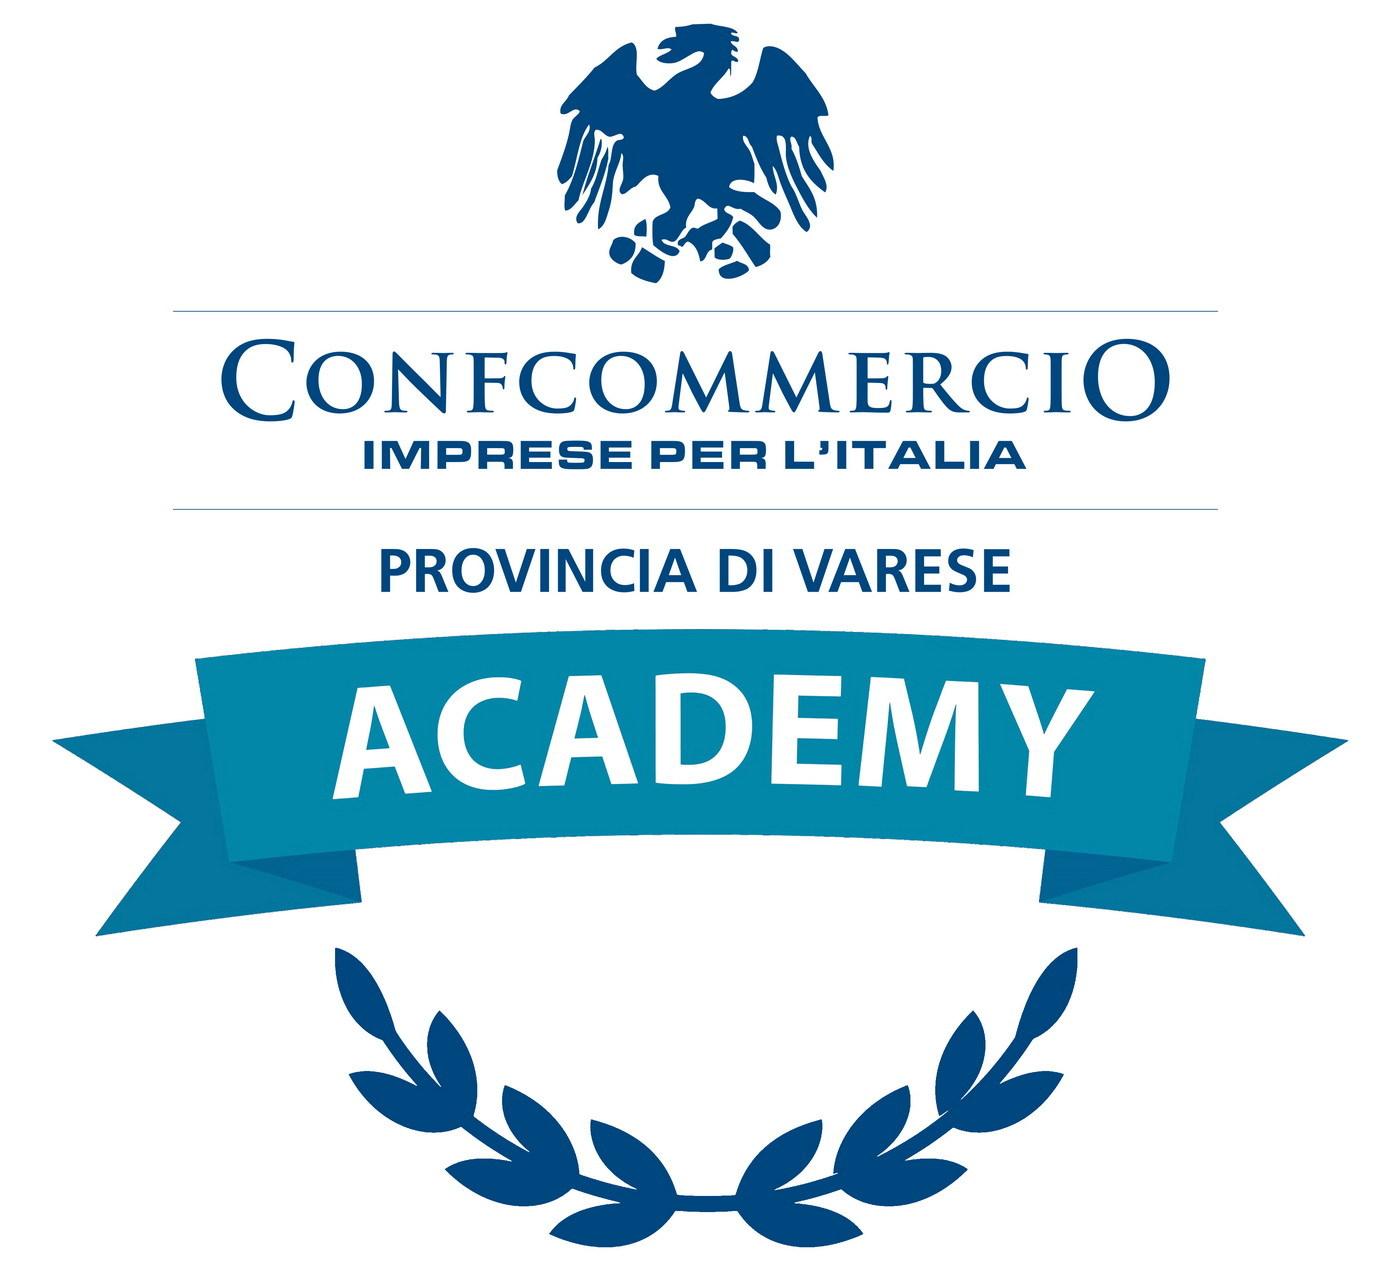 'ACADEMY CONFCOMMERCIO': FORMAZIONE ONLINE PER RIPARTIRE